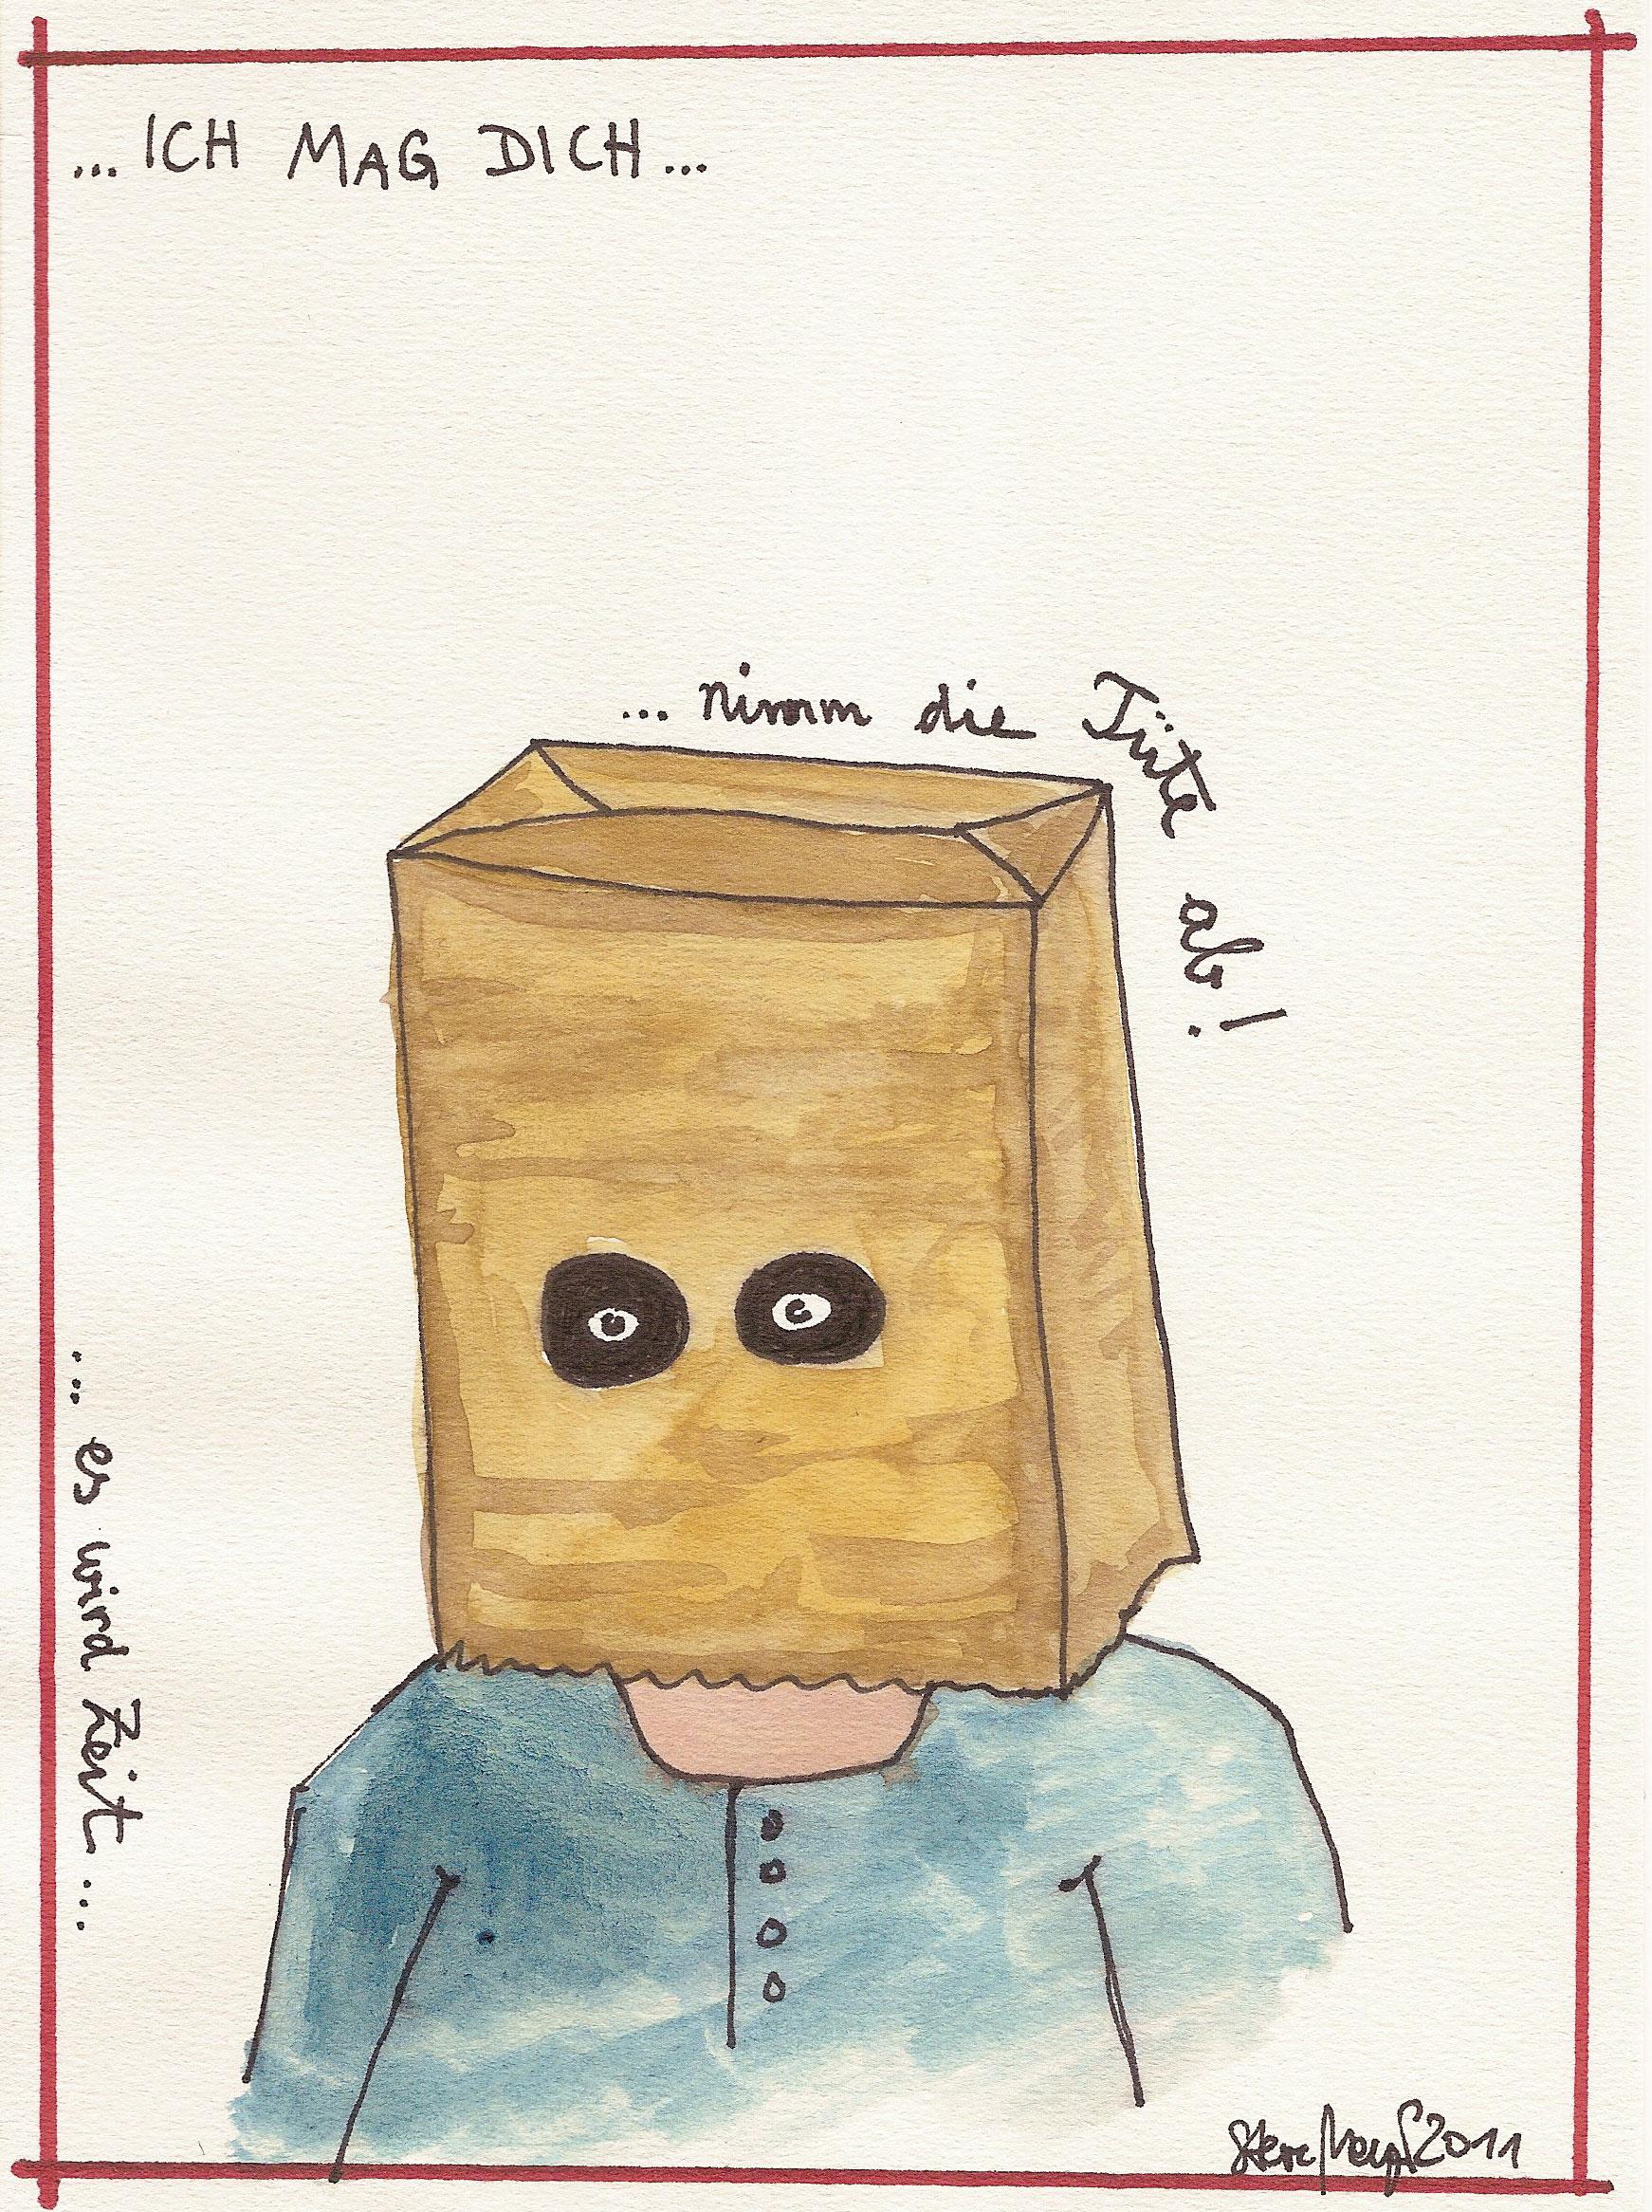 Ohne Titel, Mischtechnik auf Papier, ca. 20 cm x 15 cm, (Privatbesitz)